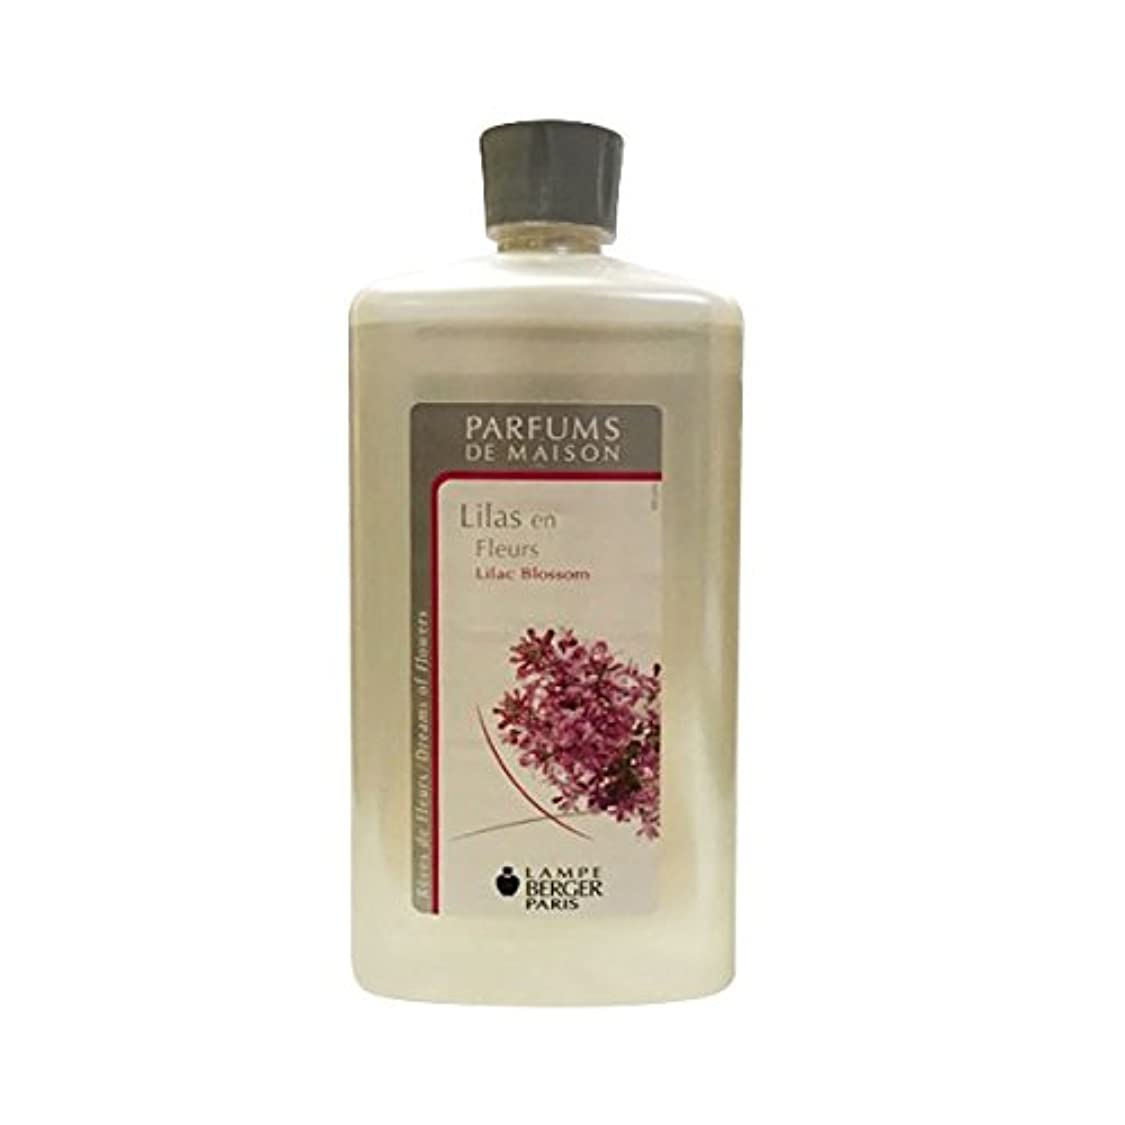 ソビエト精度ブラザーランプベルジェオイル (ライラックブロッサム)Lilas en Fleurs/Lilac Blossom